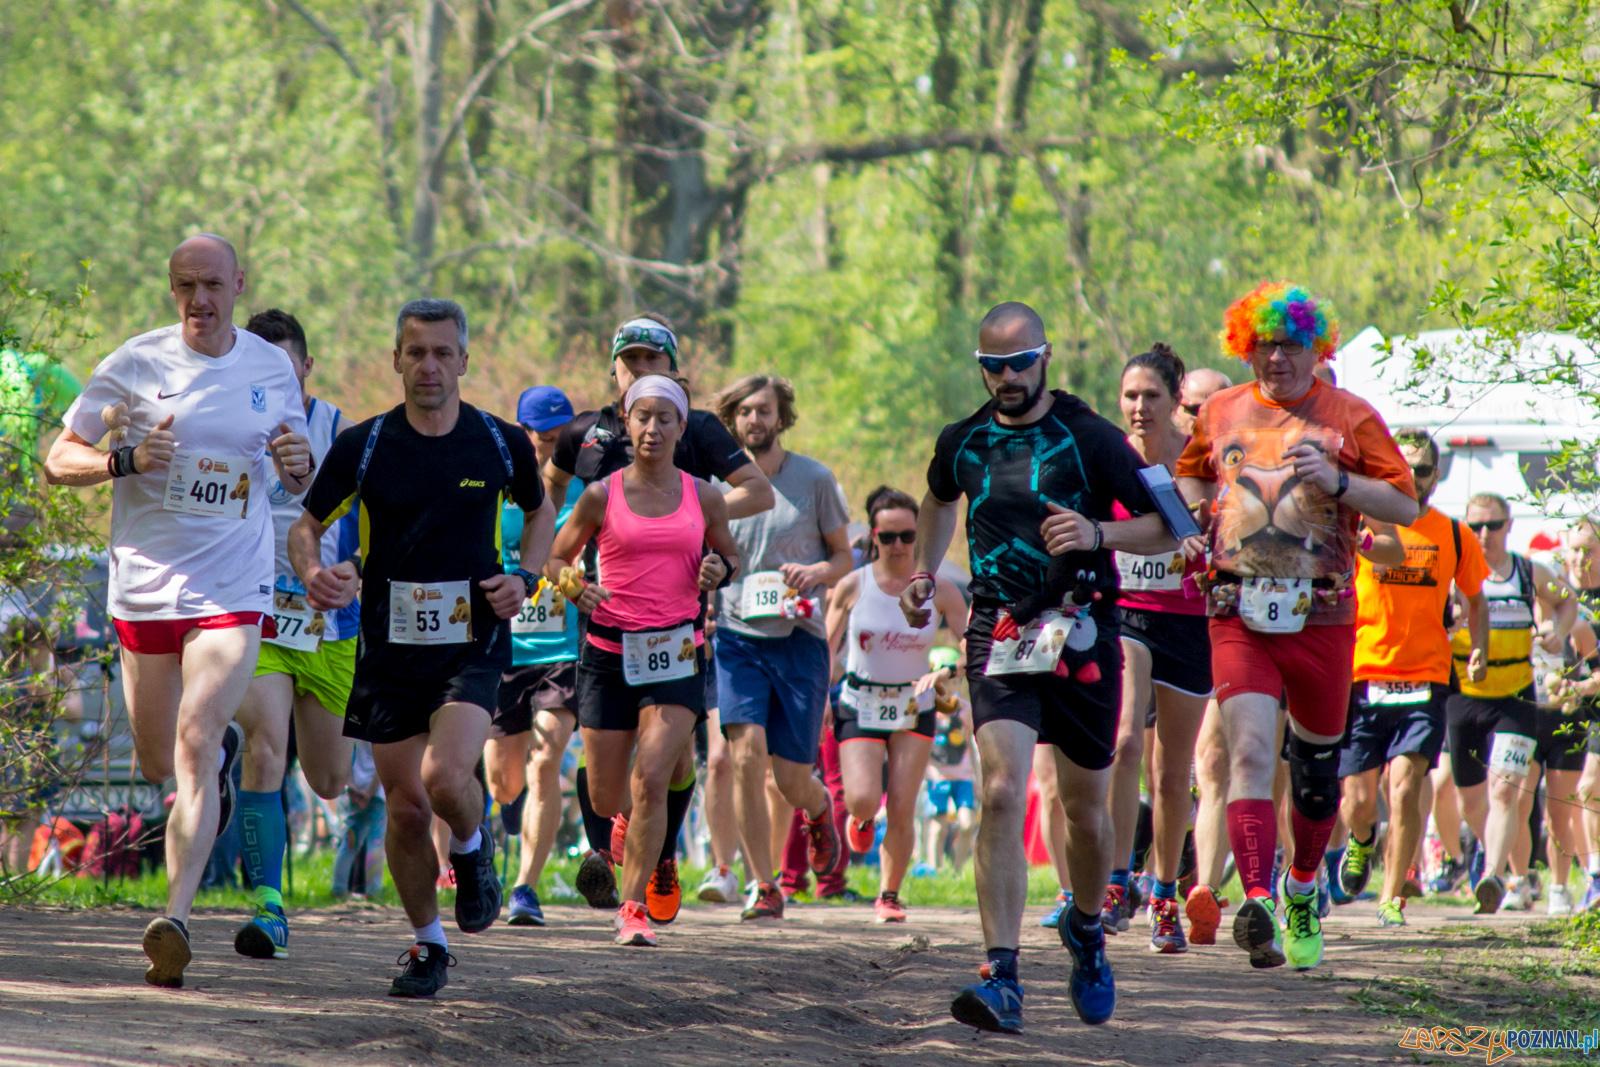 Bieg z Misiem  Foto: lepszyPOZNAN.pl / Ewelina Jaśkowiak